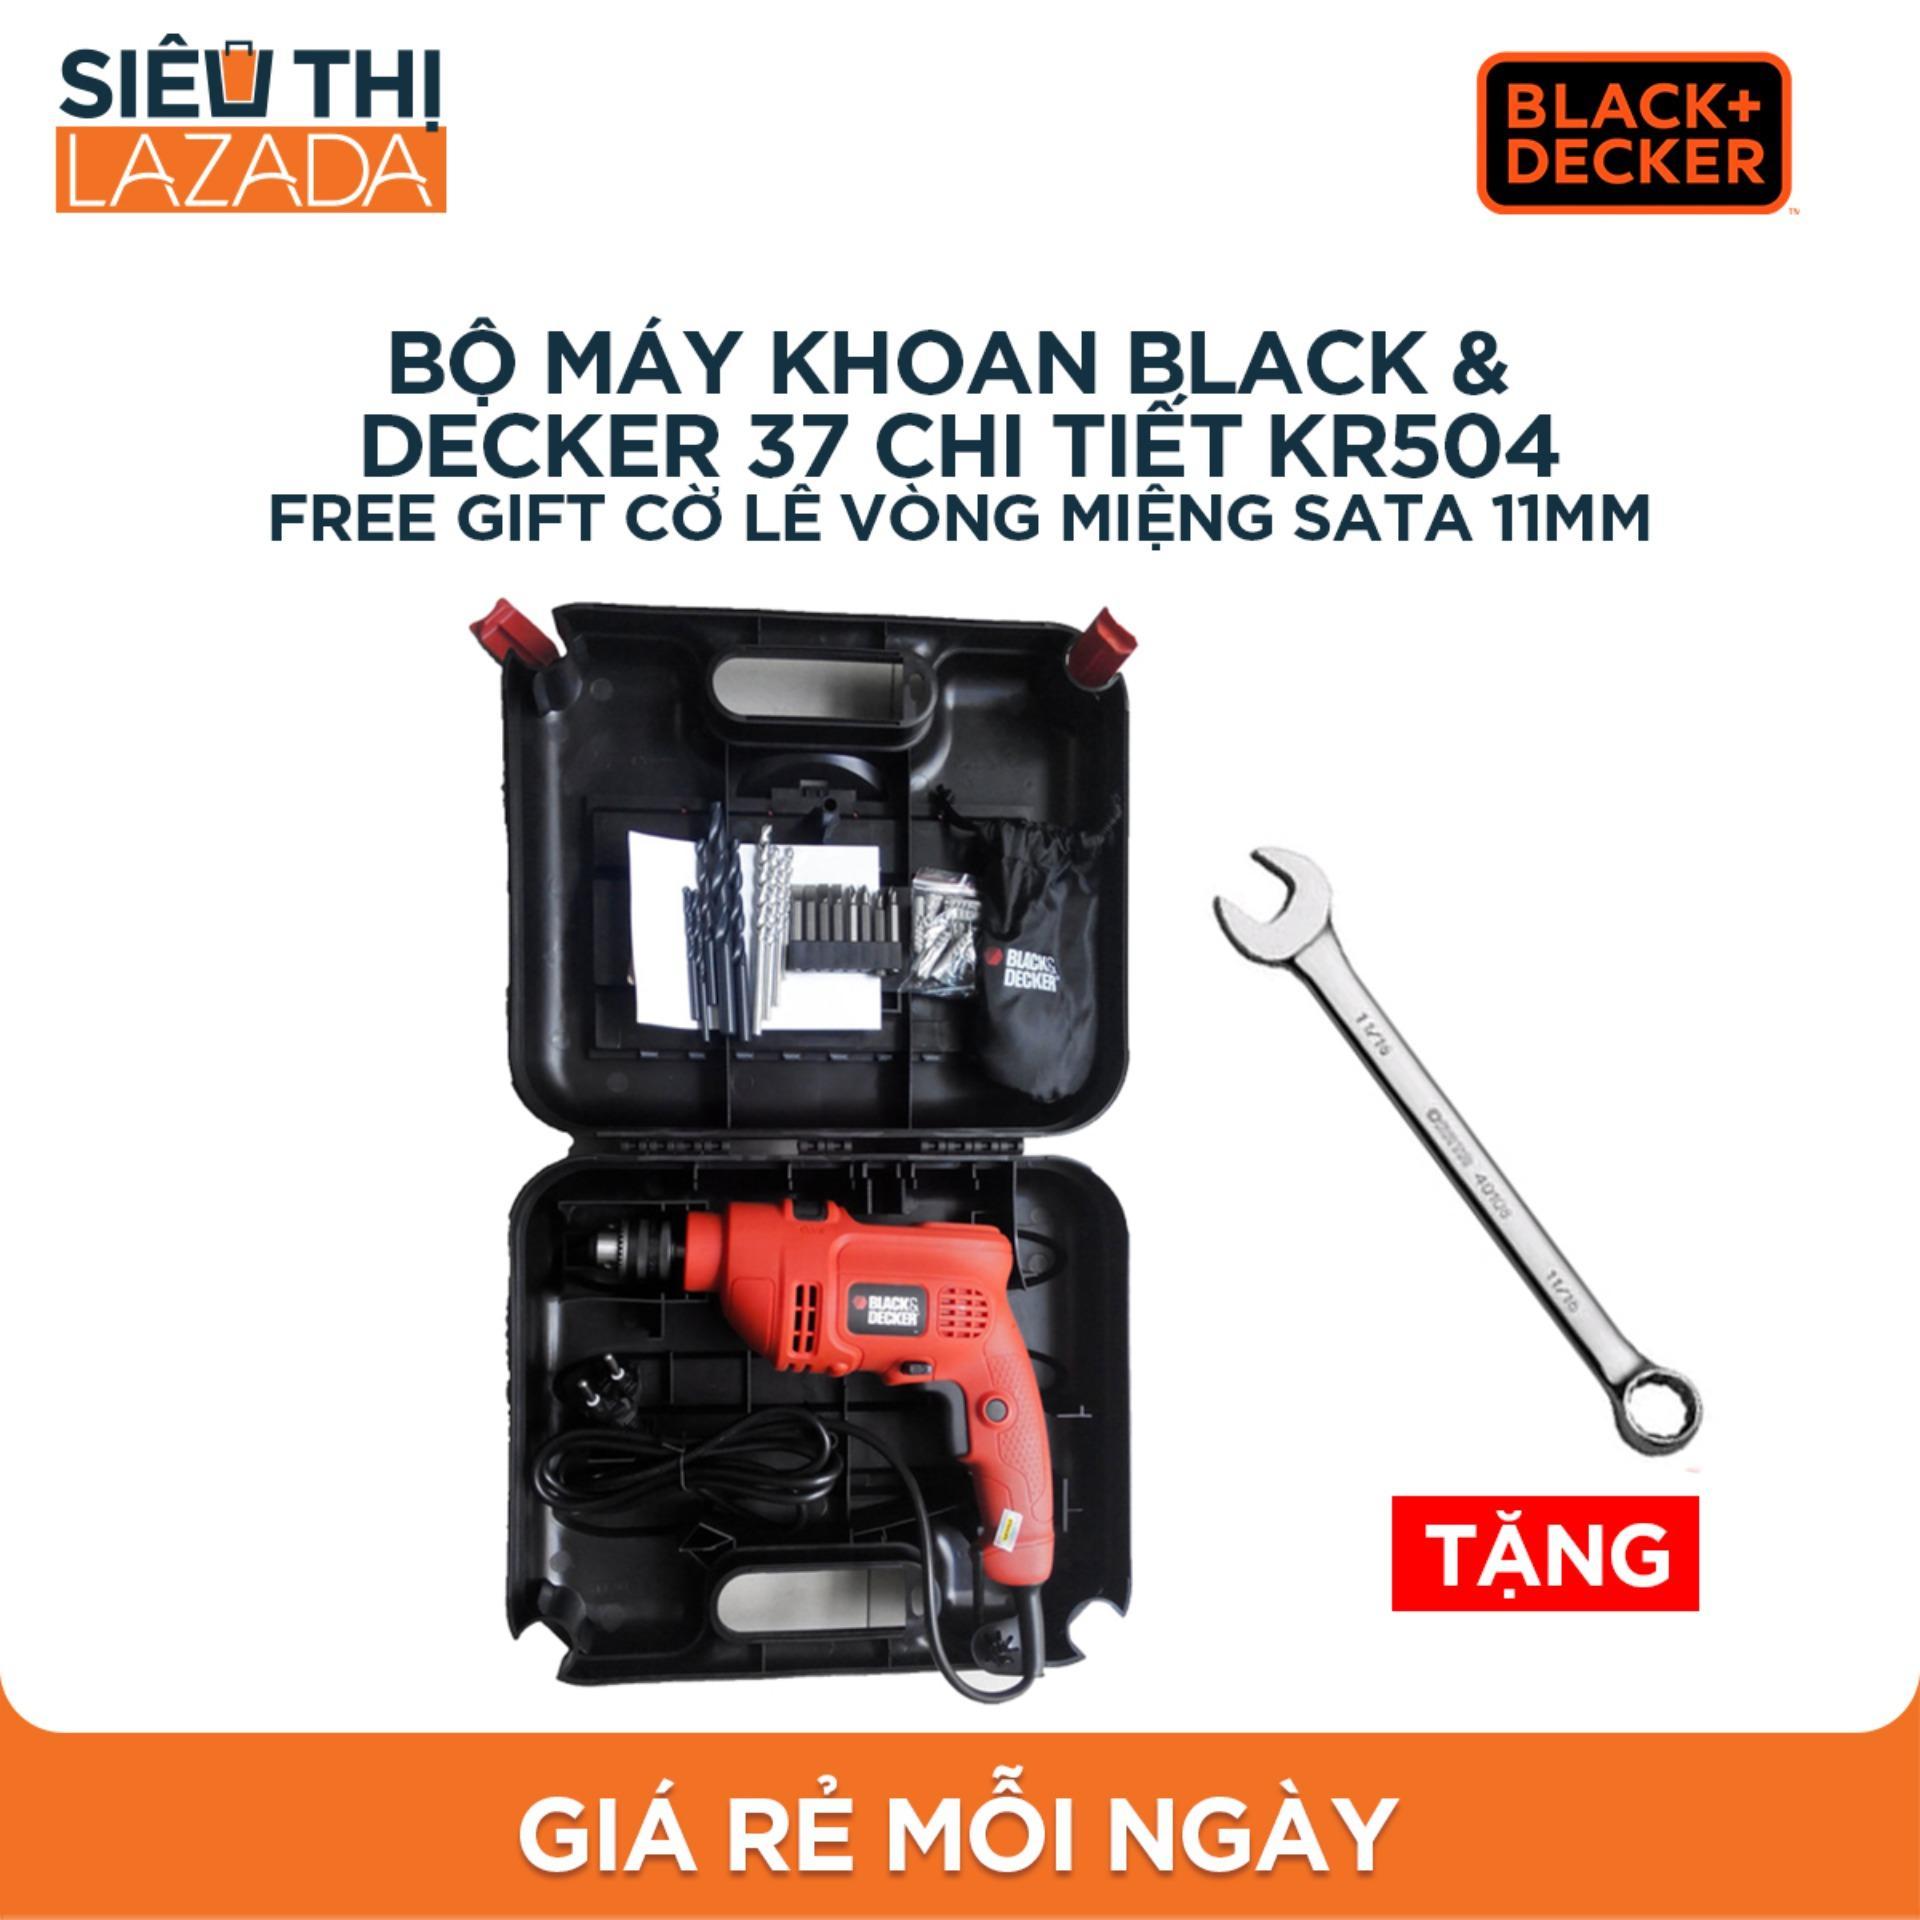 Bộ máy khoan Black & Decker 37 chi tiết KR504 + free gift cờ lêvòng miệng SATA 11mm